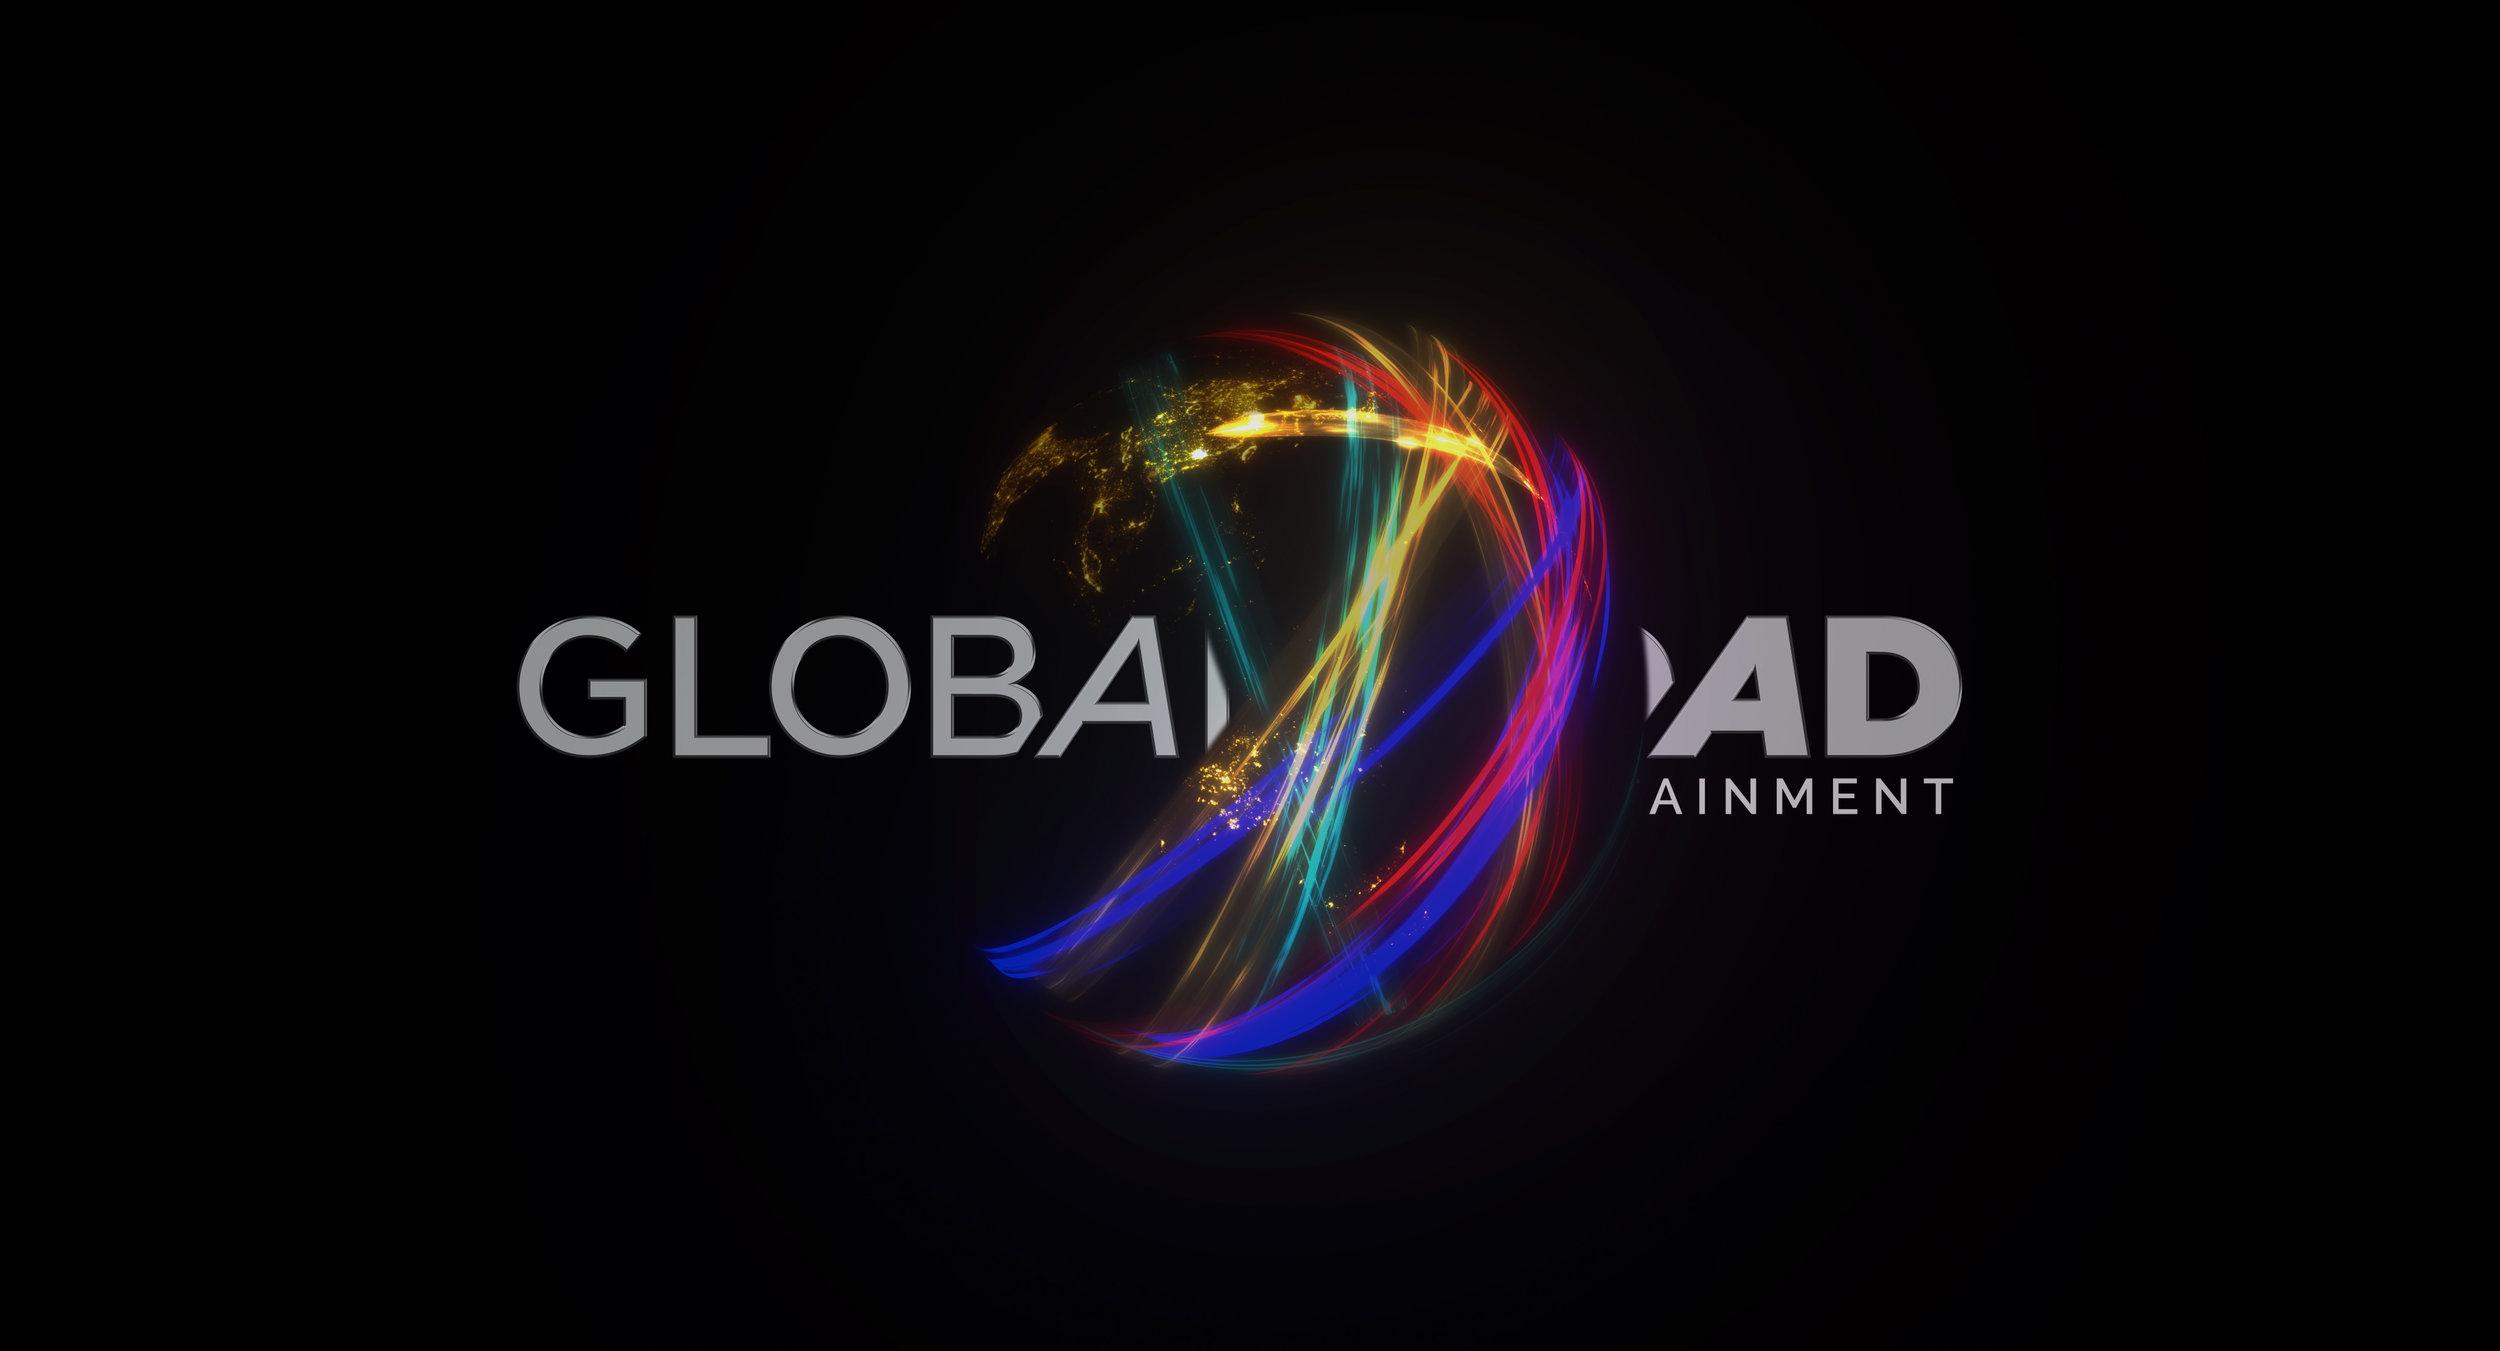 Global_Road_Frame__0003_Layer 6.jpg